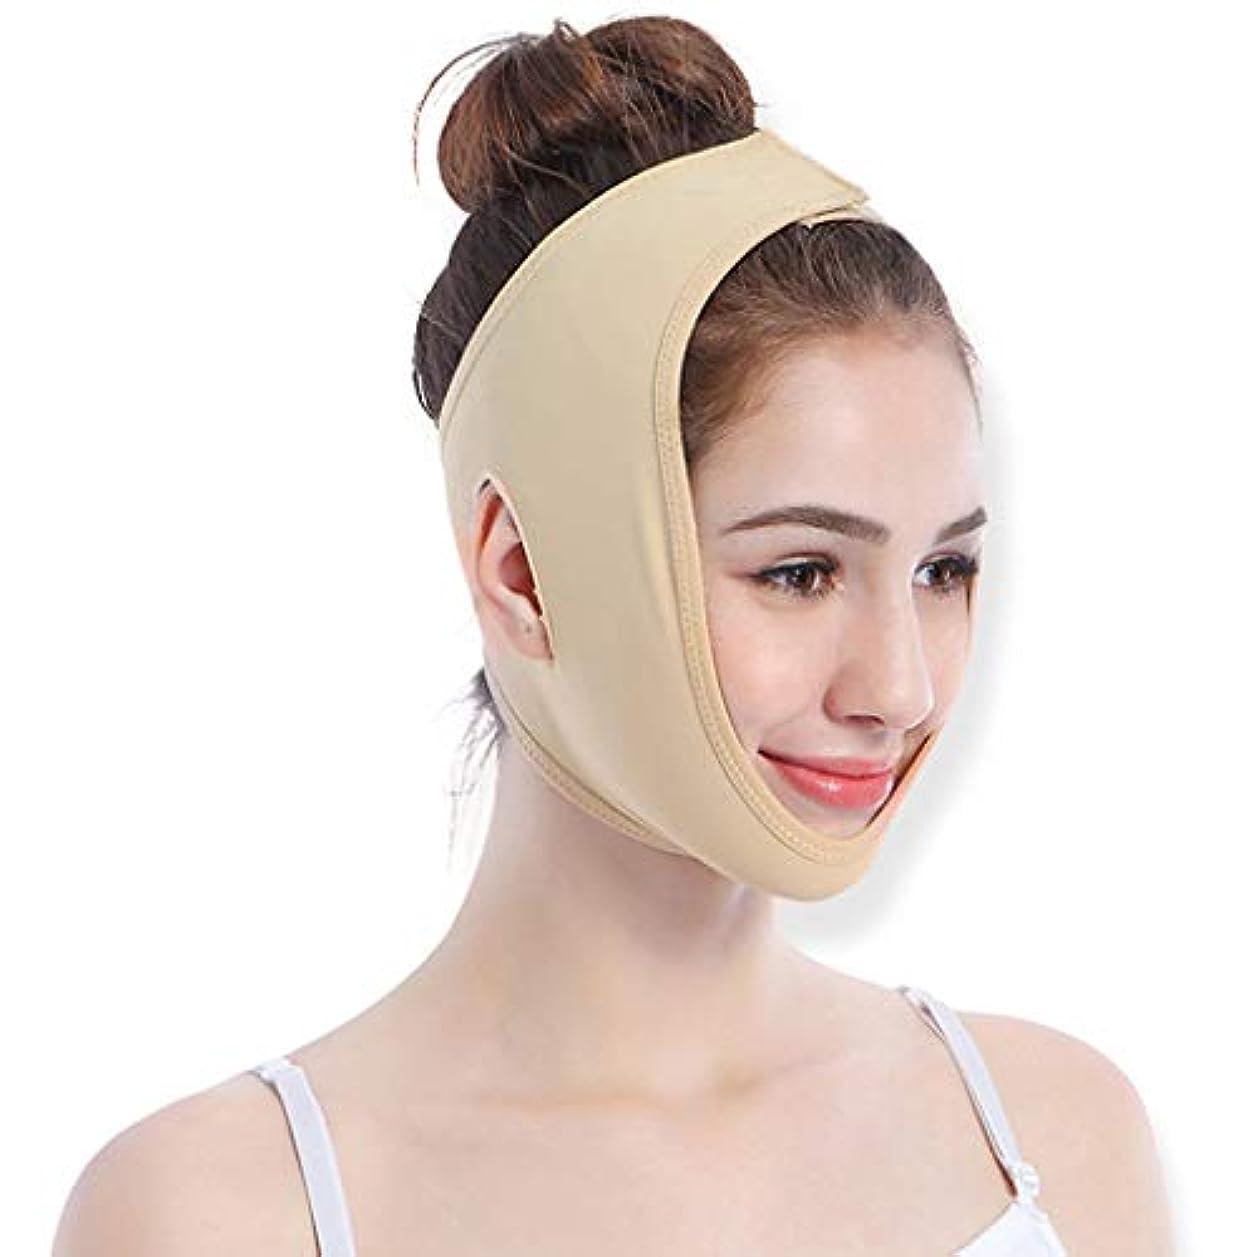 気取らない学部うぬぼれ薄い顔のマスクの男性と女性の顔のv顔のマスクの顔の楽器の包帯,XL